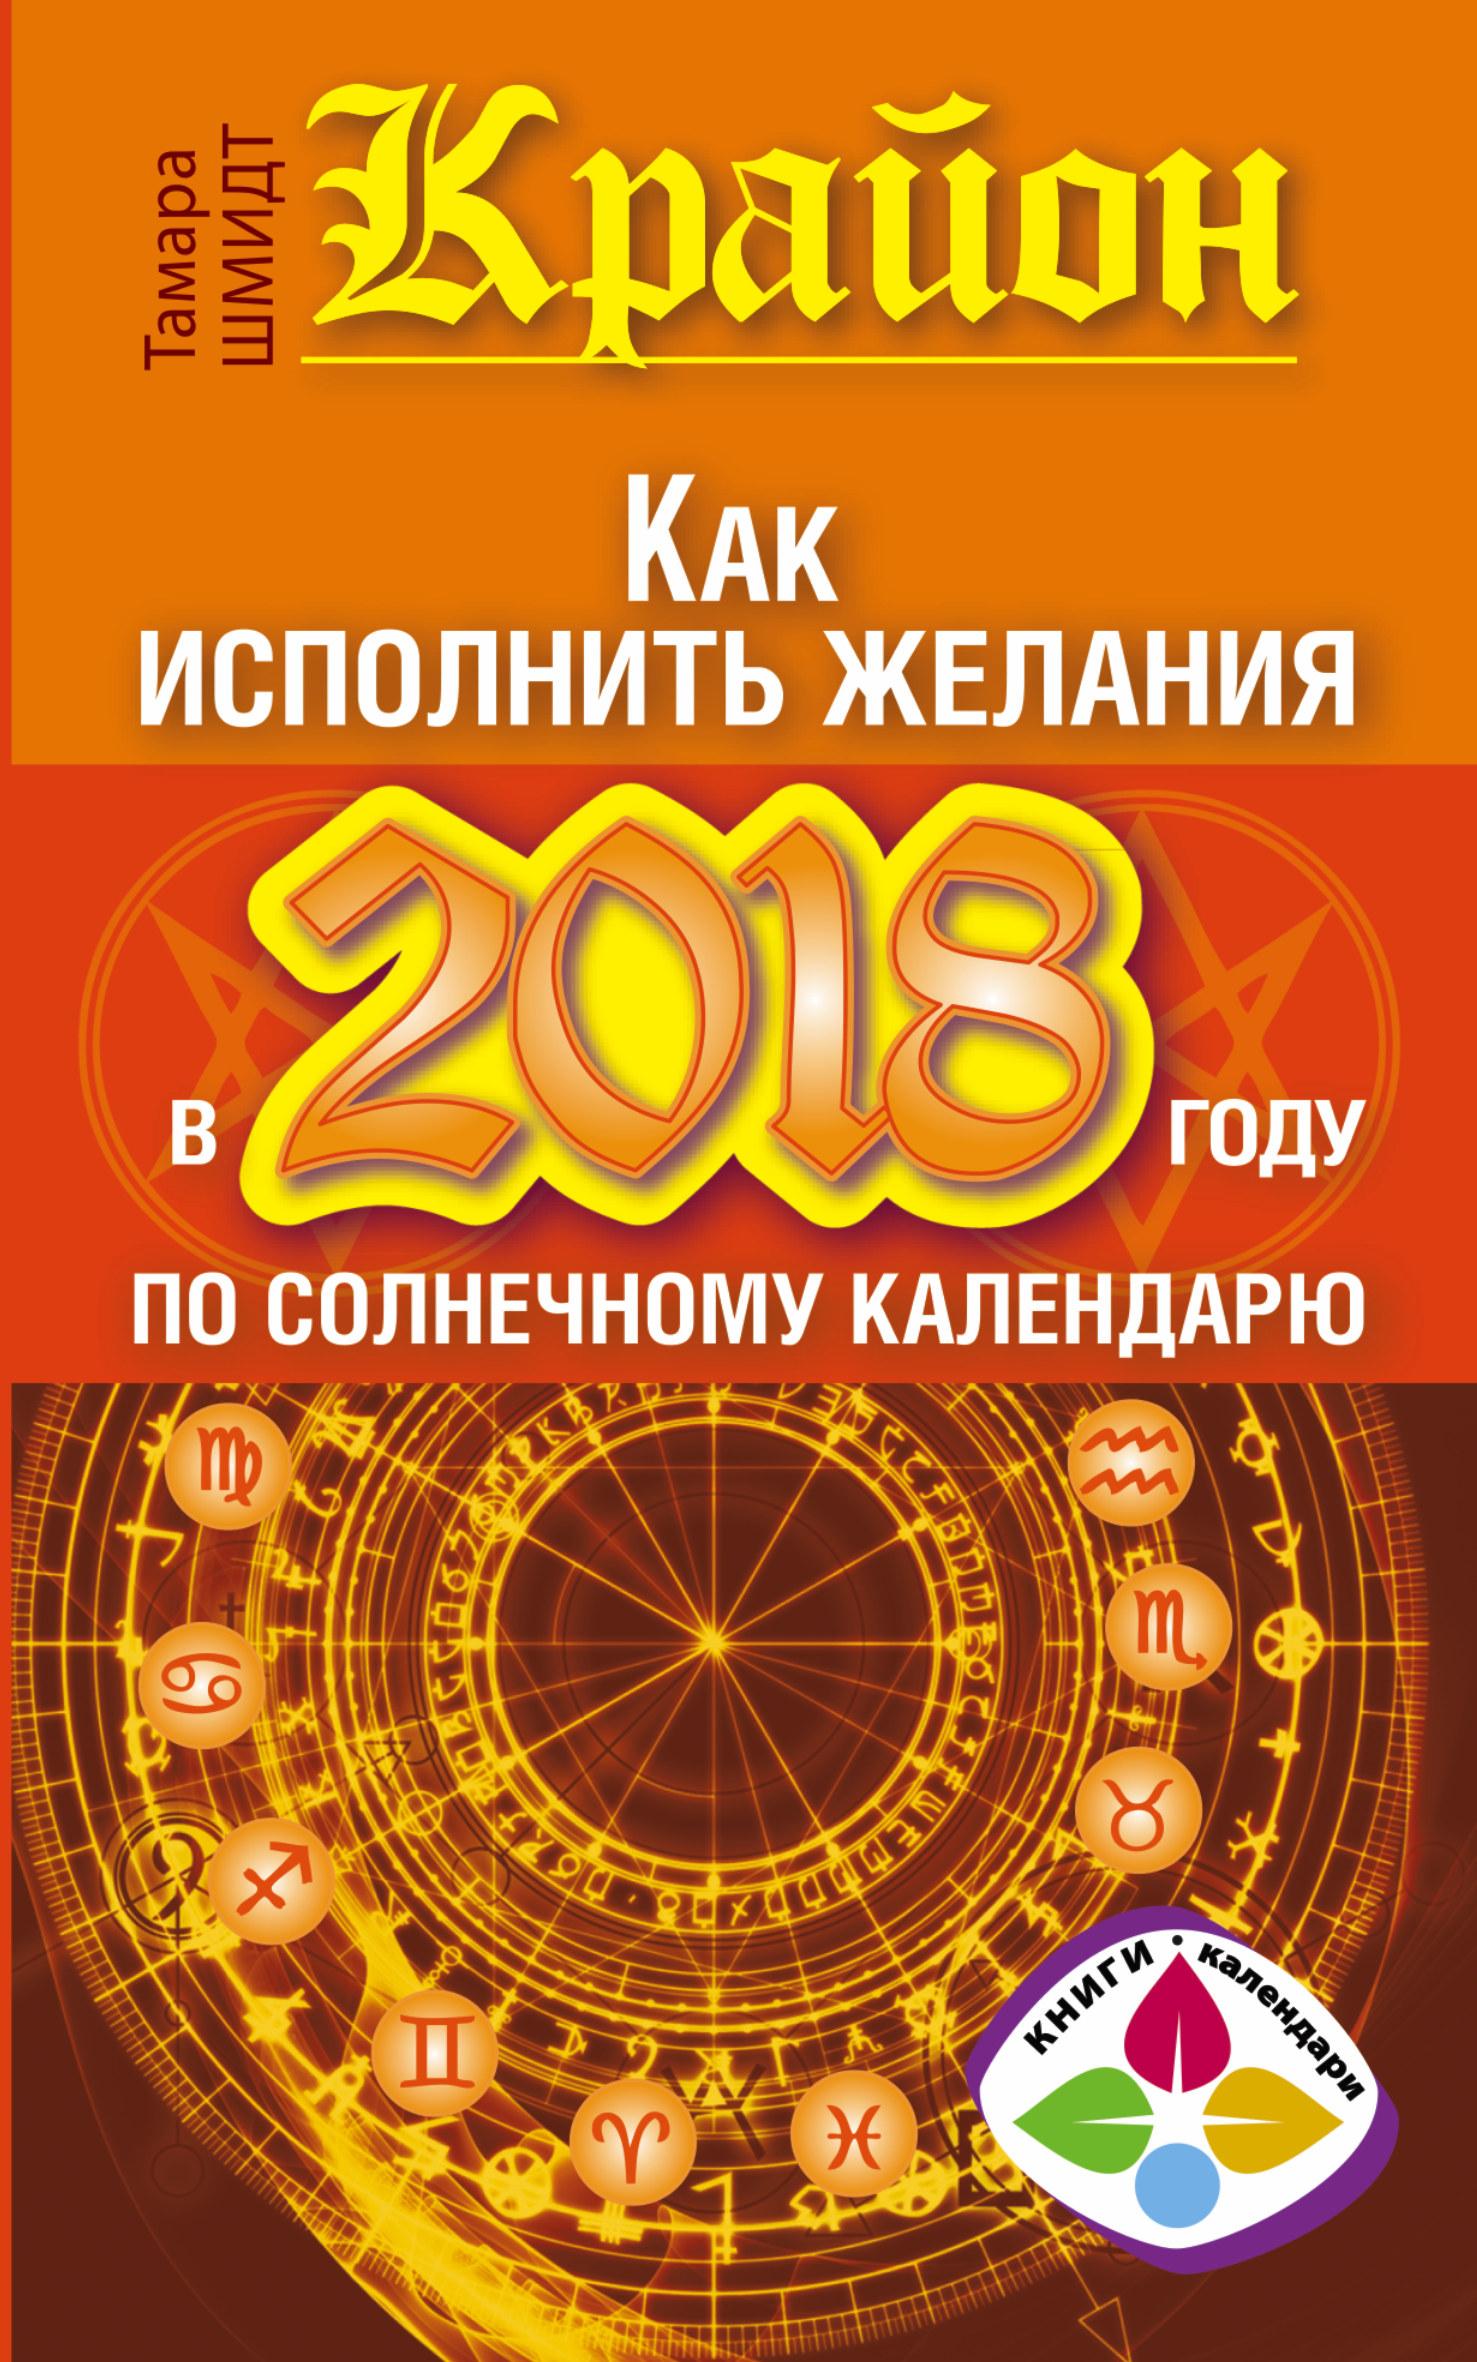 Тамара Шмидт Крайон. Как исполнить желания в 2018 году по солнечному календарю тамара шмидт крайон лунный календарь на 2014 год что и когда надо делать чтобы жить счастливо